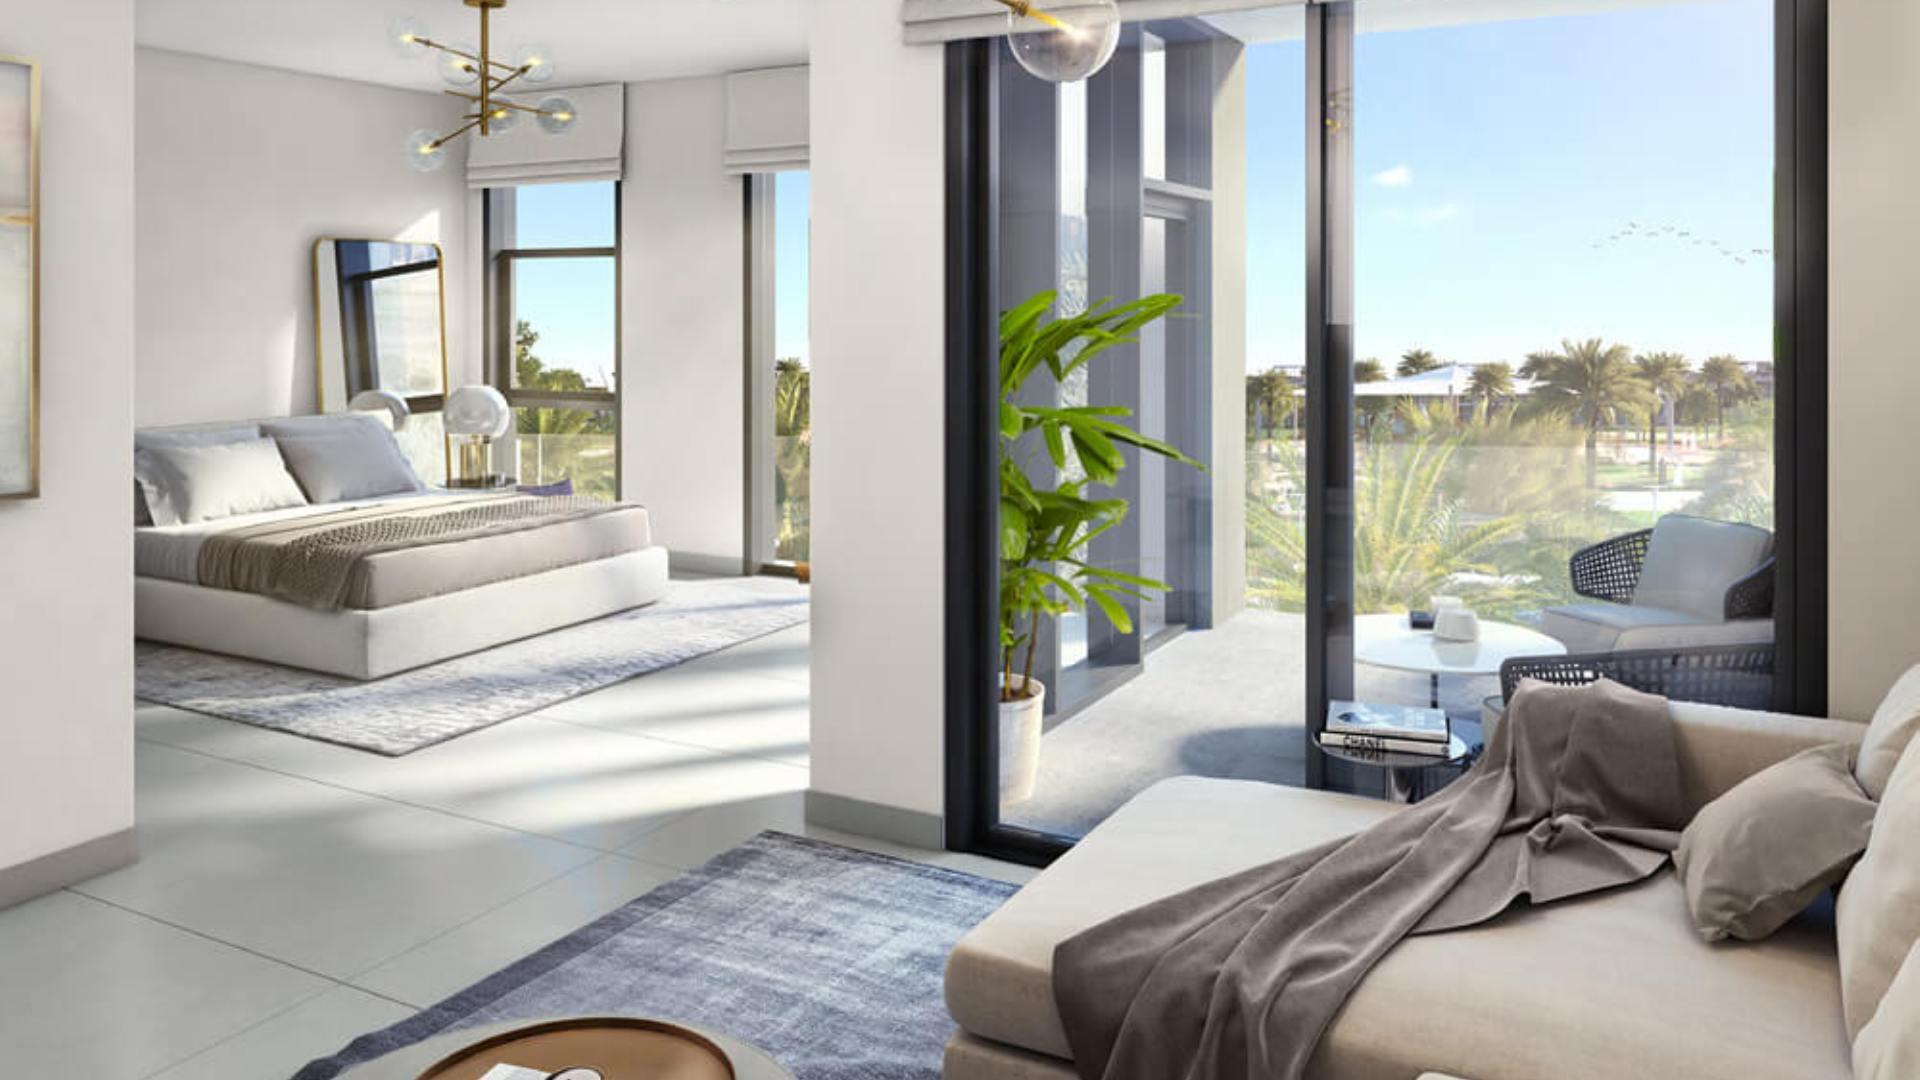 Adosado en venta en Dubai, EAU, 5 dormitorios, 293 m2, № 24142 – foto 4